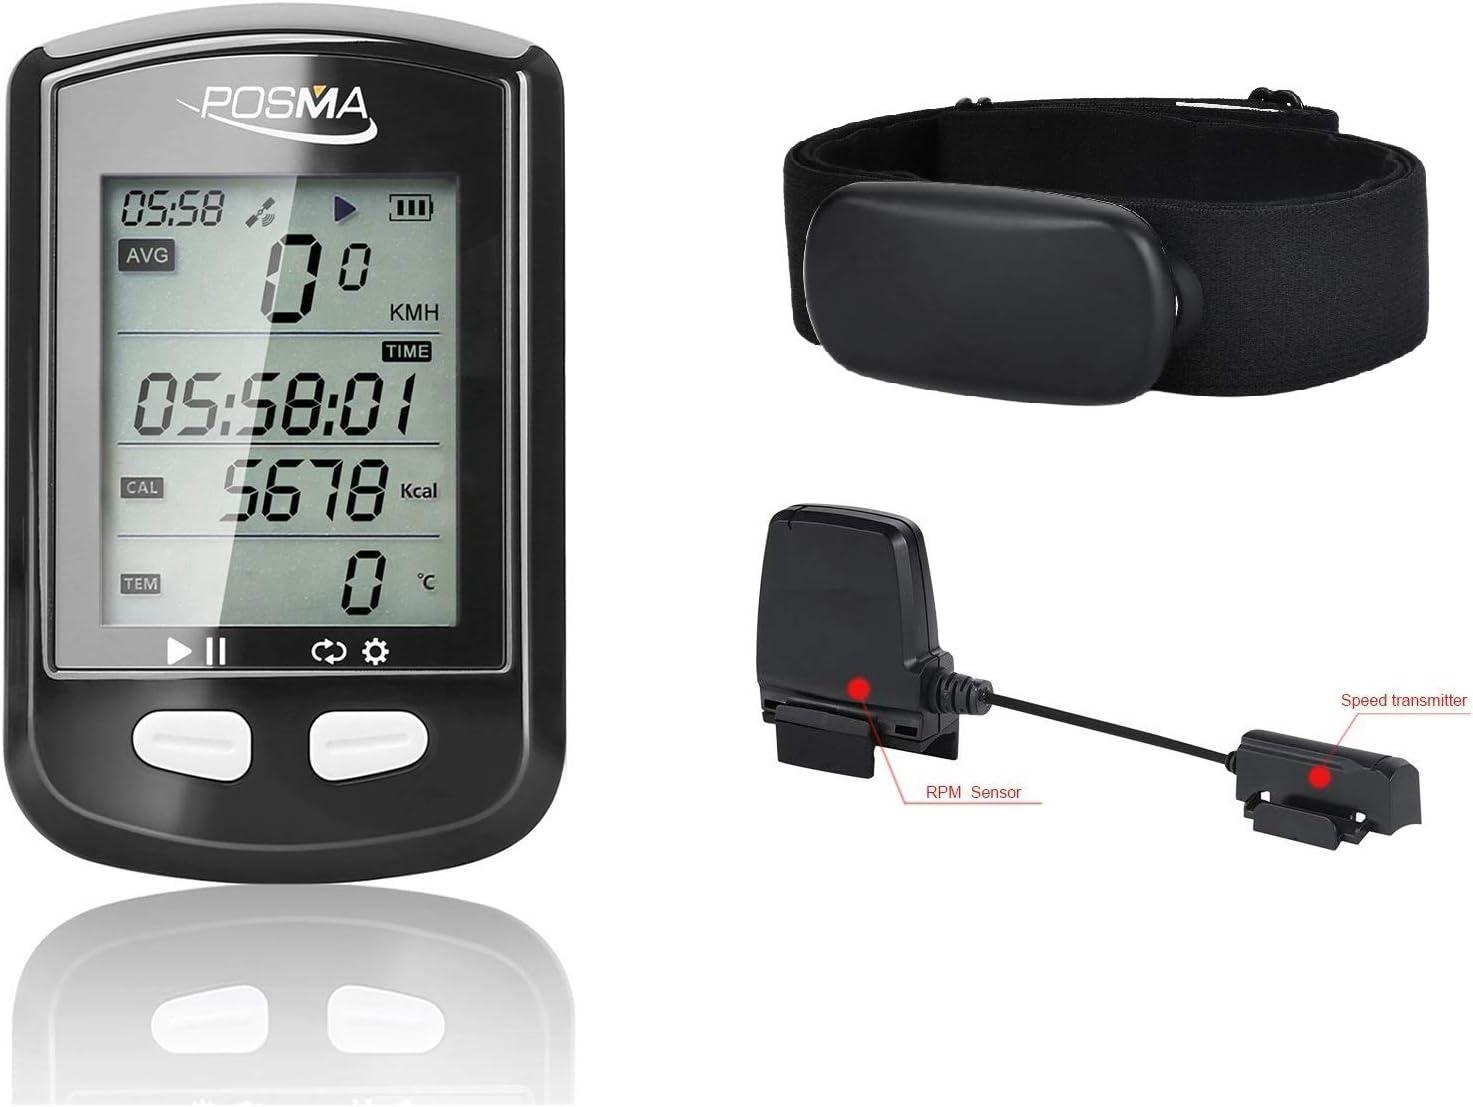 POSMA Ant+ Bluetooth Dual Mode DB2 GPS Bicicleta de Ciclismo Ordenador BCB30 Speed Cadence Sensor BHR30 Monitor de Ritmo Cardíaco Valor Kit - Conectar Smartphone iPhone